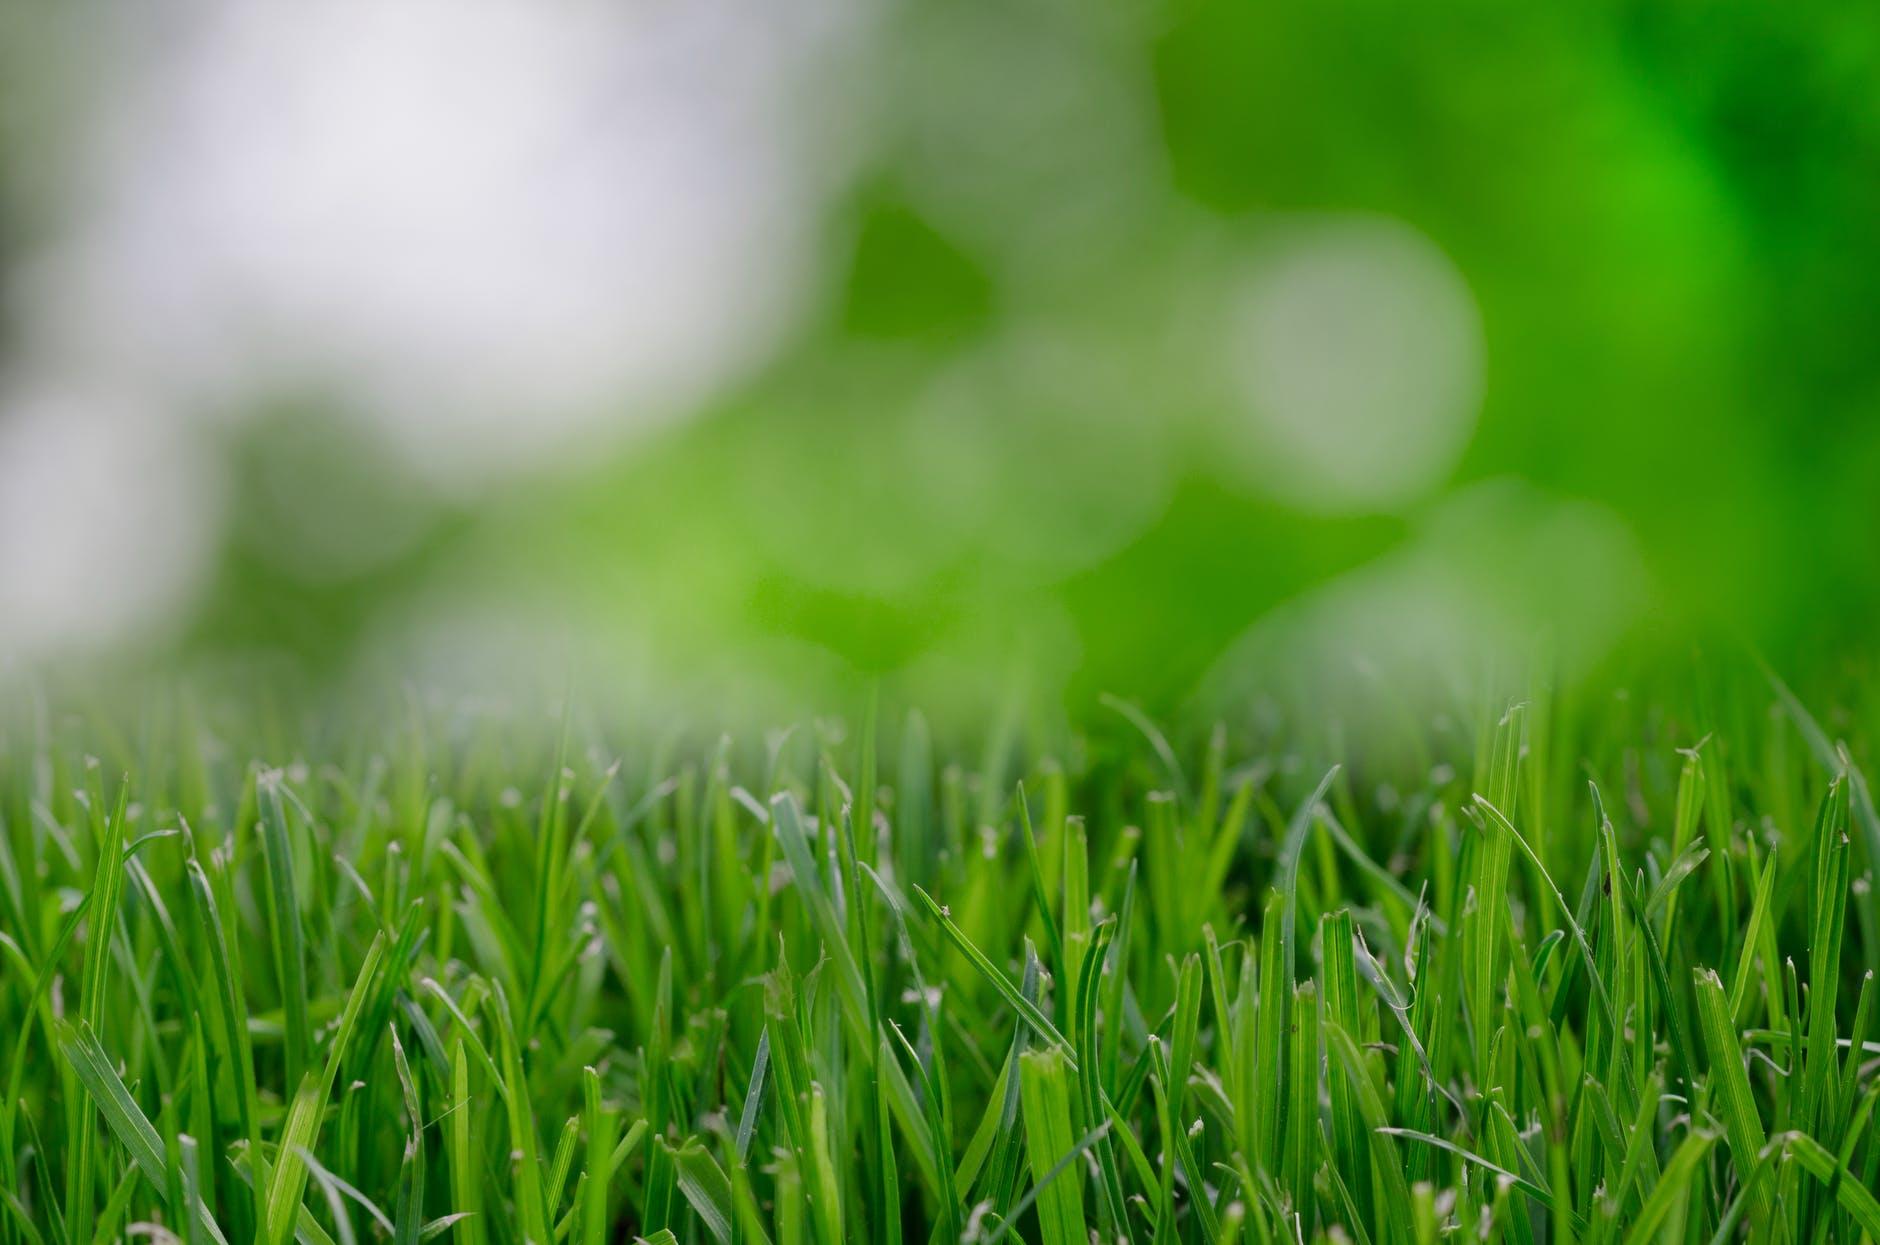 Gras maaien of laten groeien door uitstelgedrag of procrastinatie